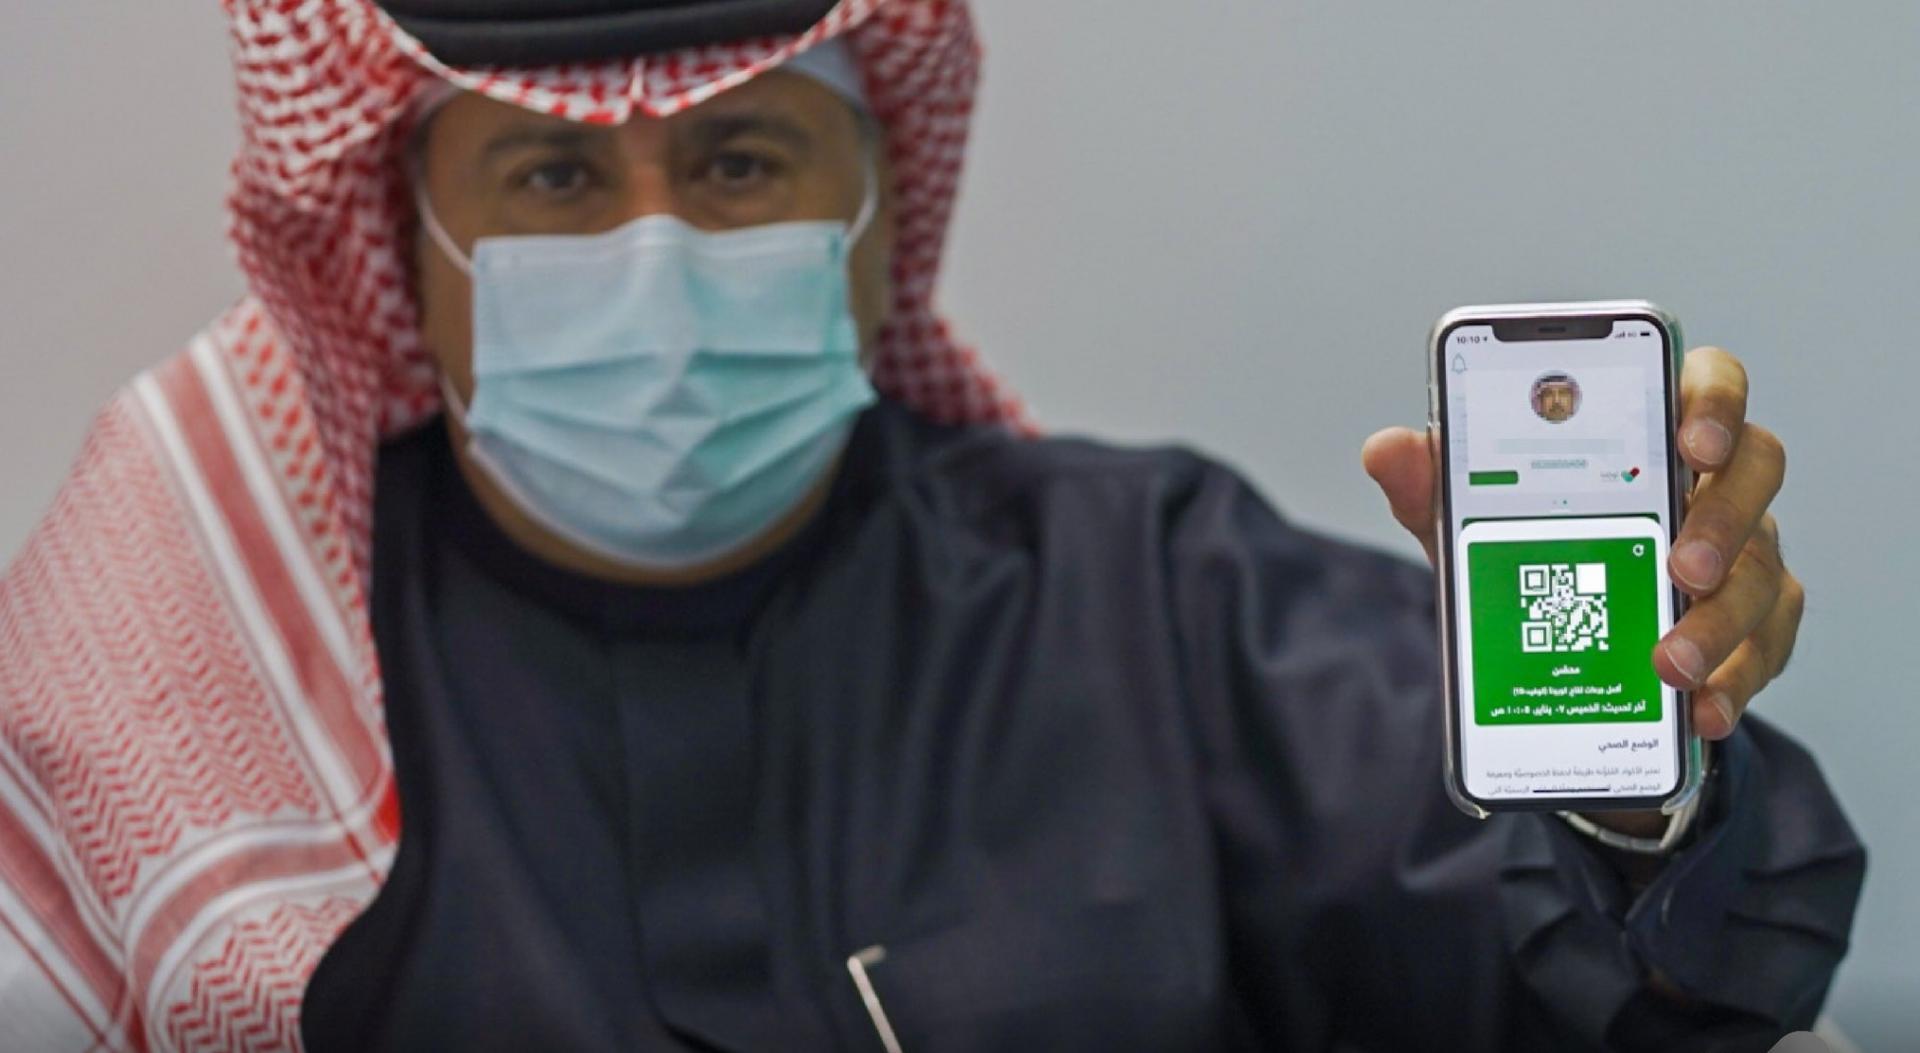 الجواز الصحي